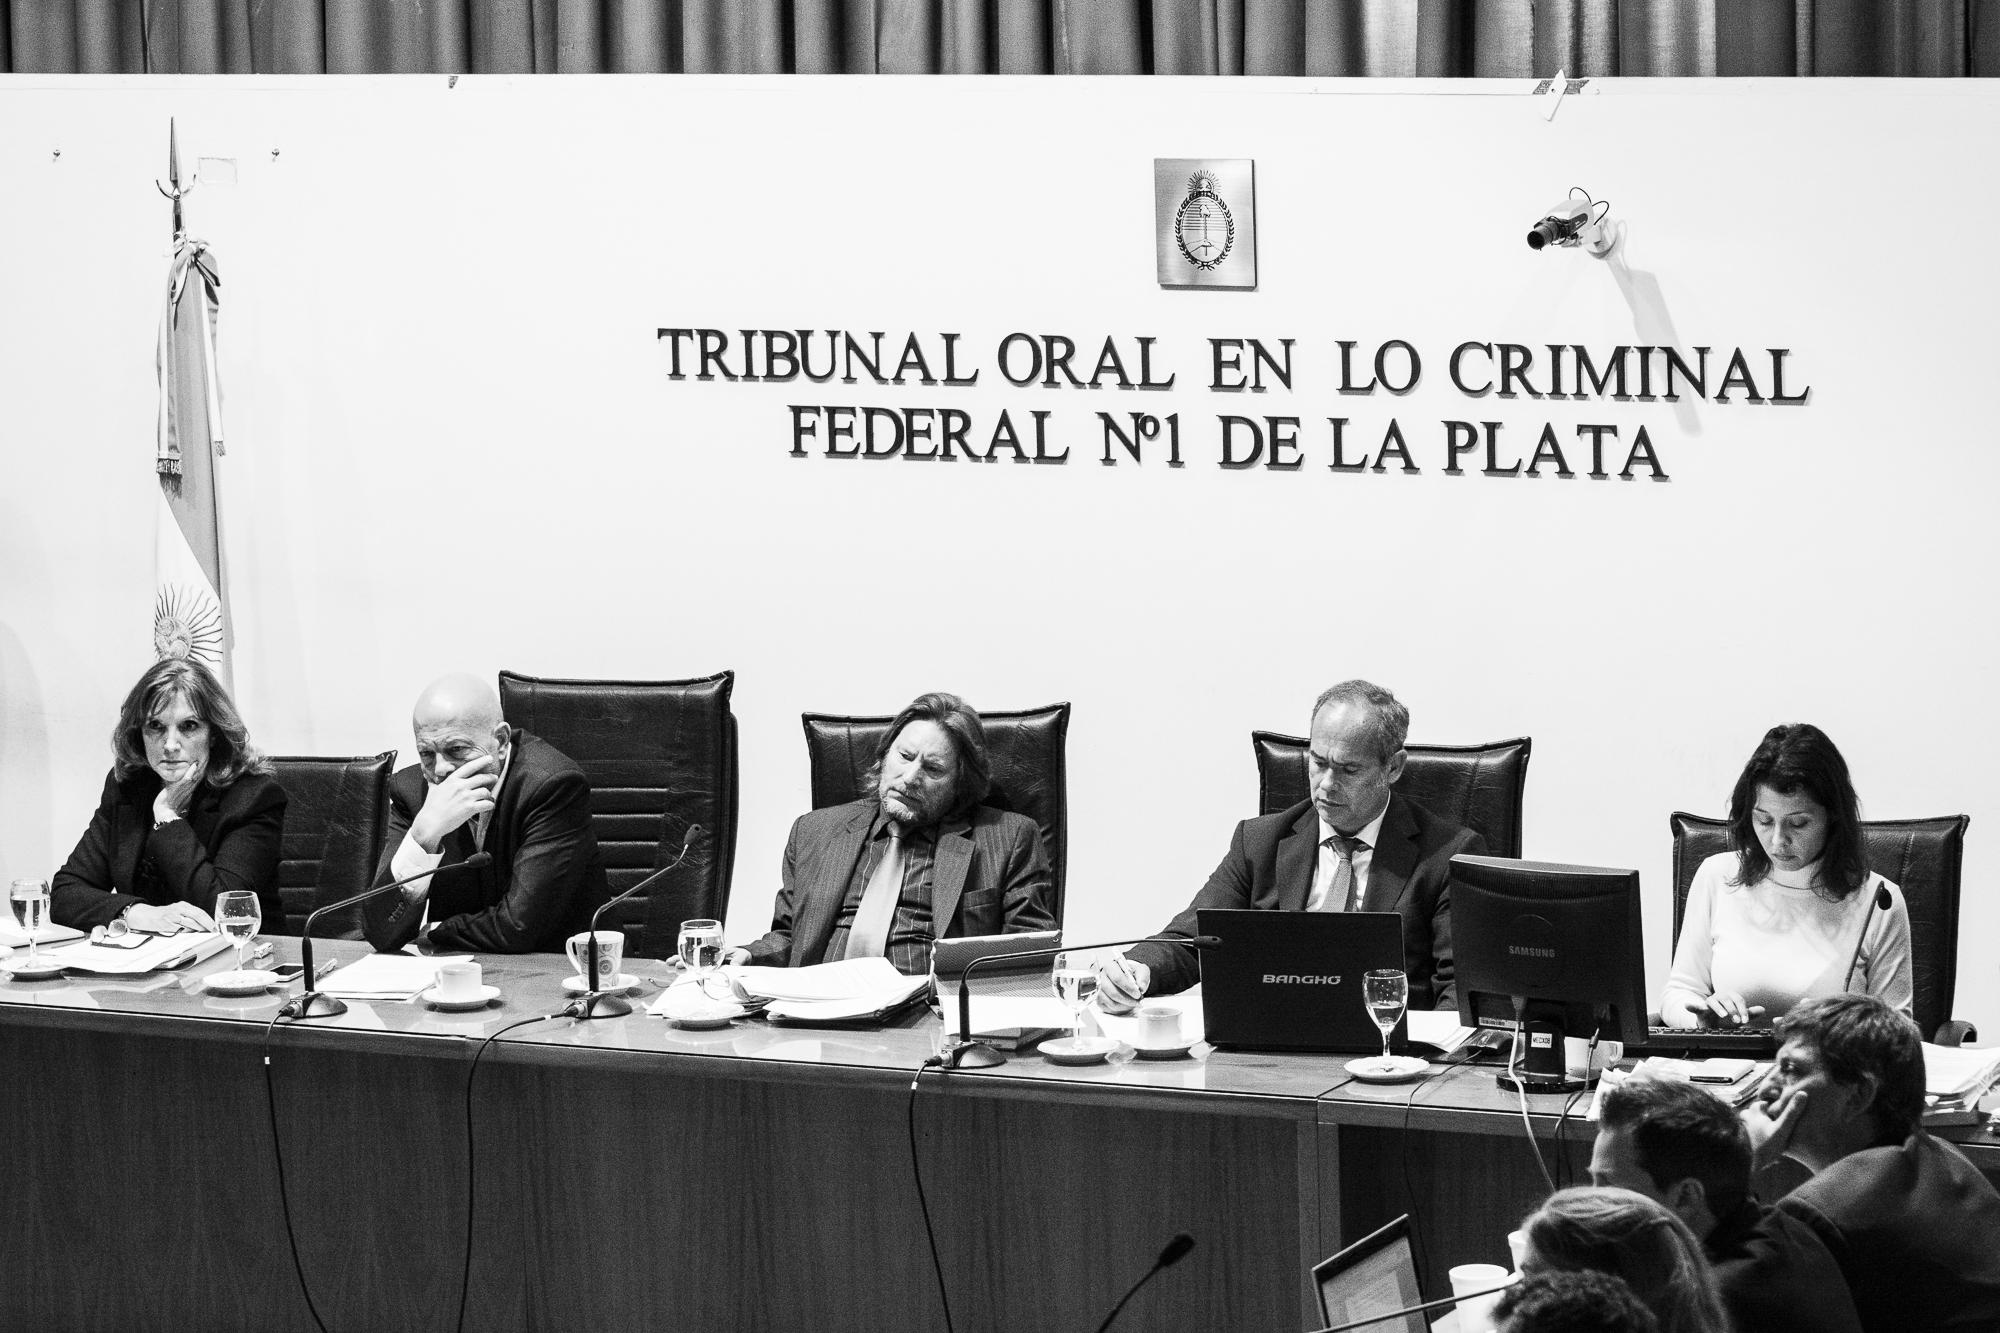 Resultado de imagen de TRIBUNAL ORAL EN LO CRIMINAL FEDERAL 1